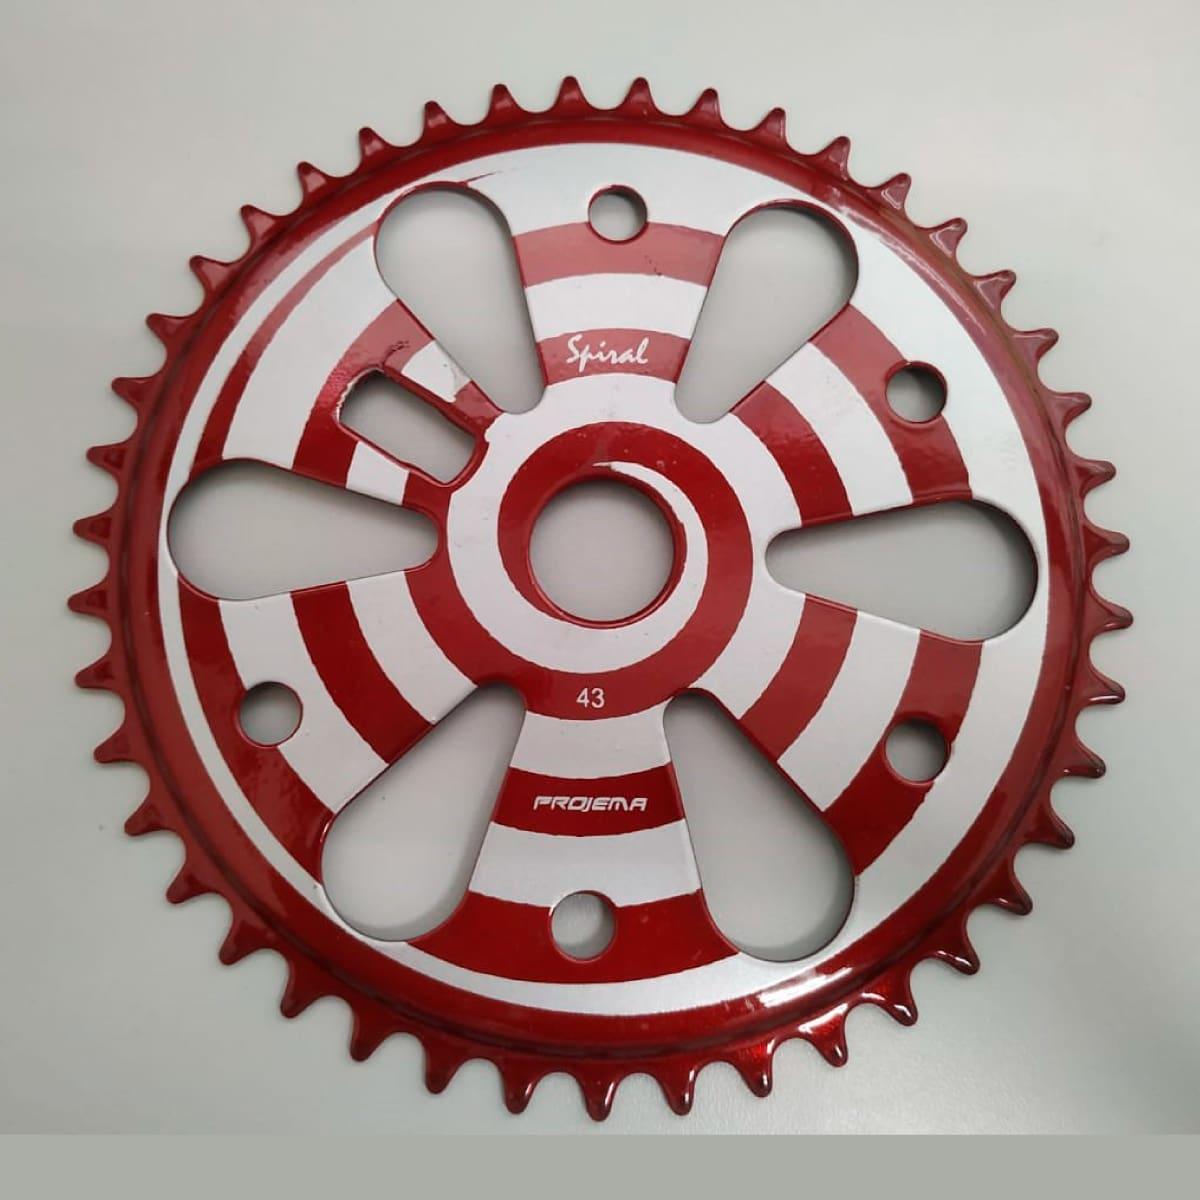 Coroa Projema 43D Spiral Preto e Vermelho